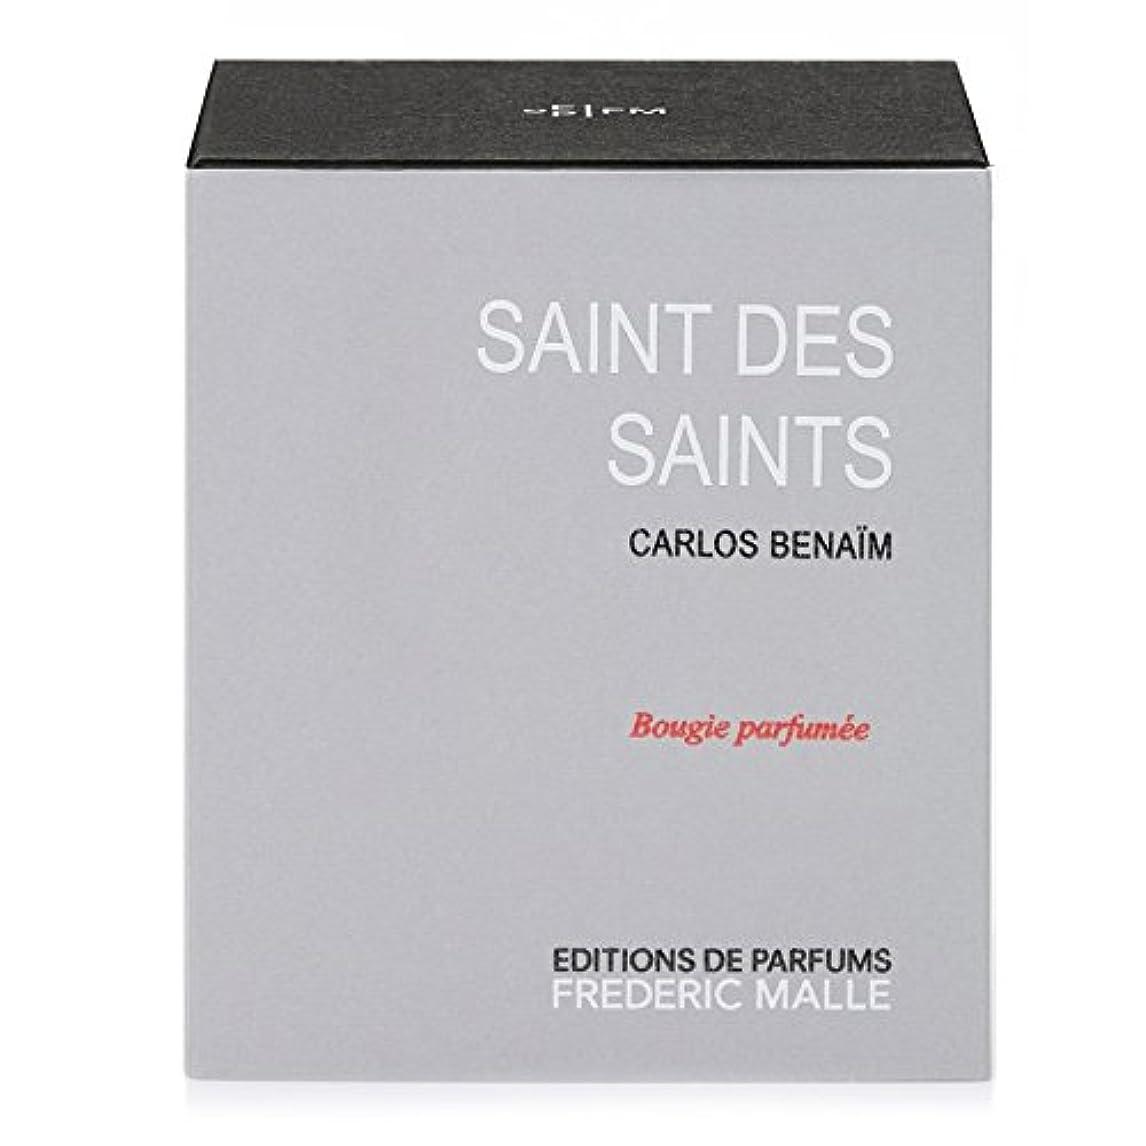 究極の色セッションフレデリック?マル聖人デ聖人の香りのキャンドル220グラム x6 - Frederic Malle Saint Des Saints Scented Candle 220g (Pack of 6) [並行輸入品]